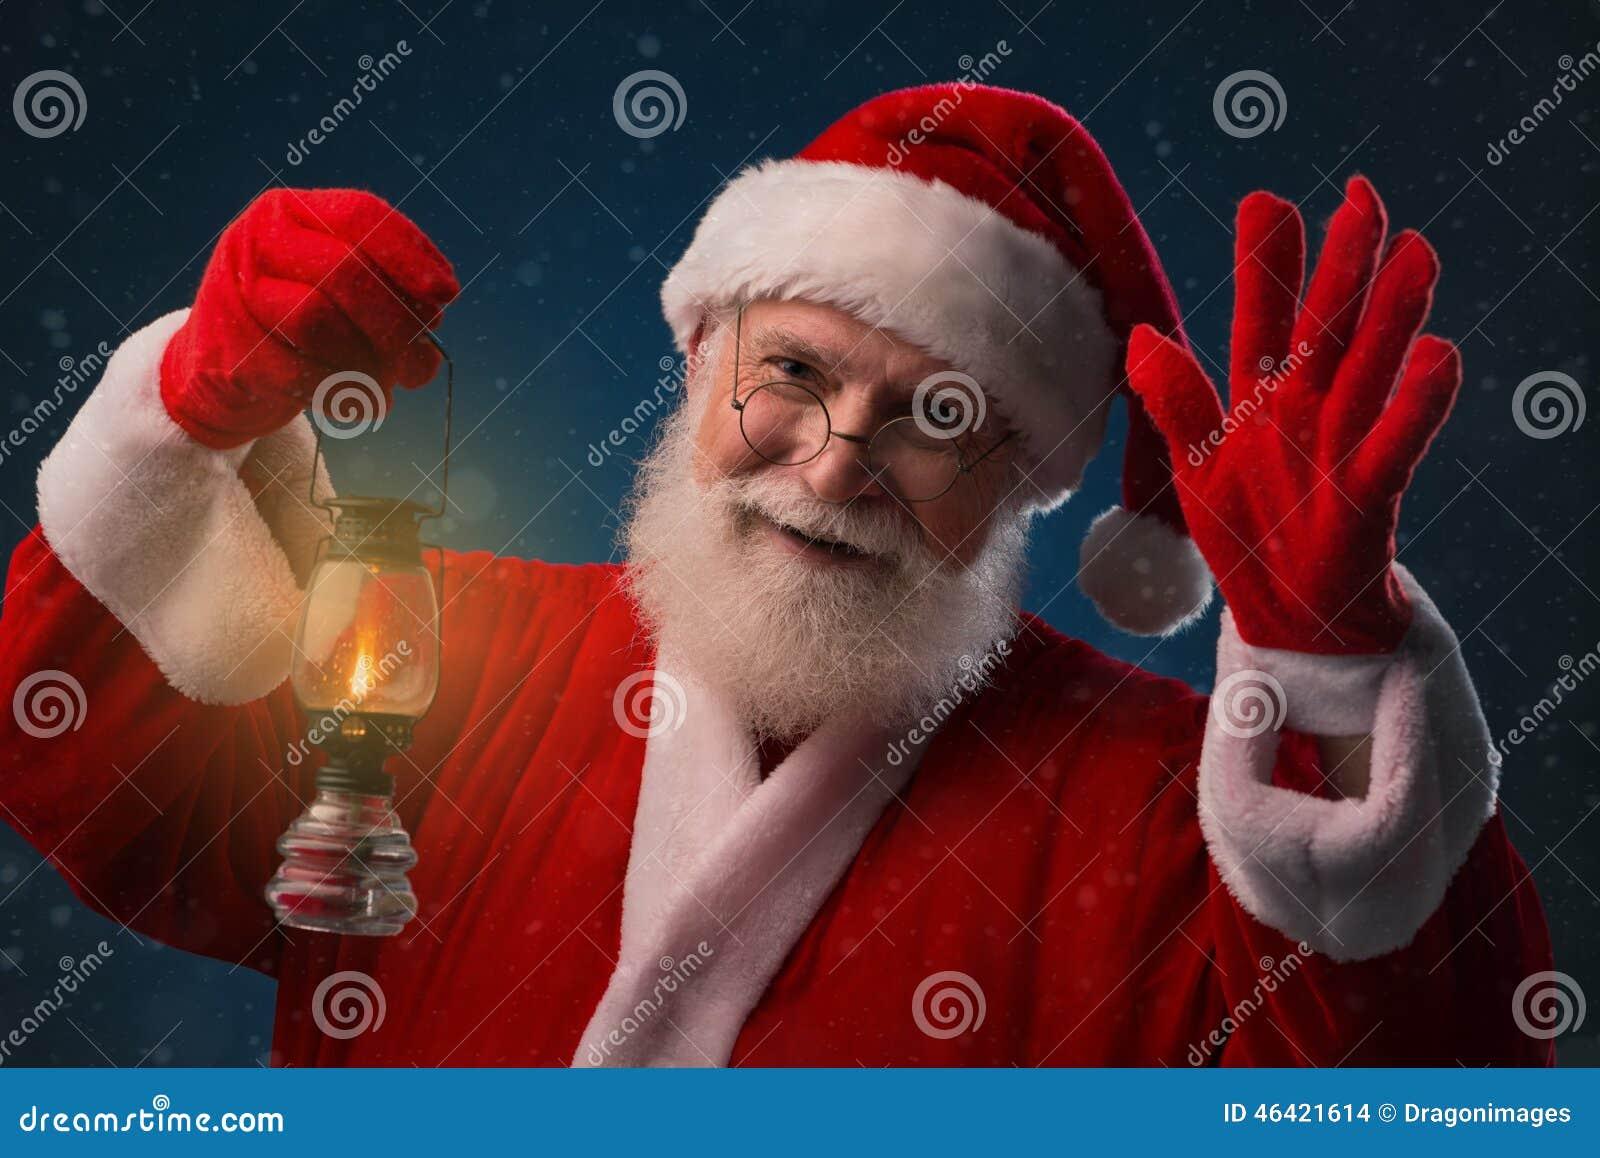 Санта Клаус с фонариком